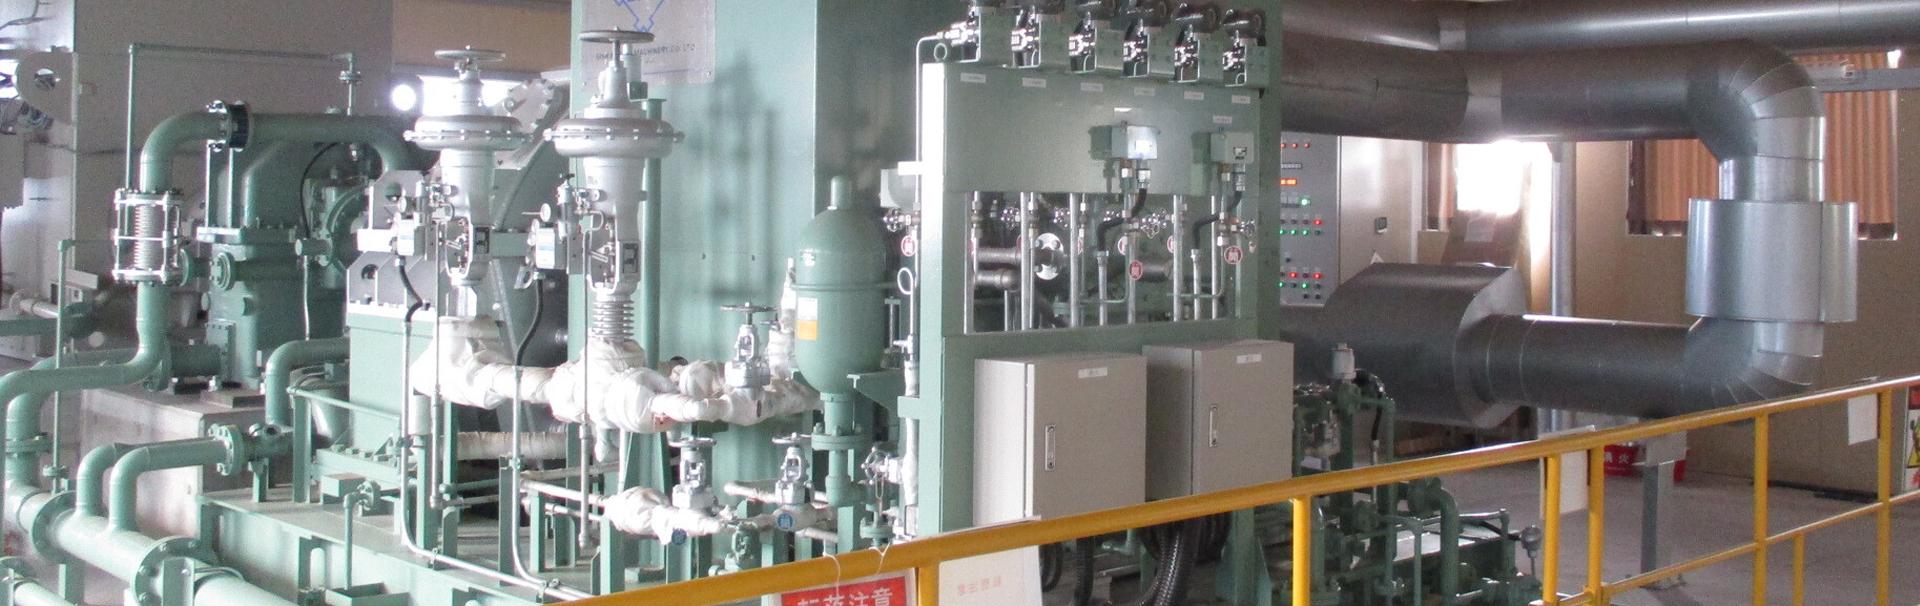 山形の機械工は石川建設産業